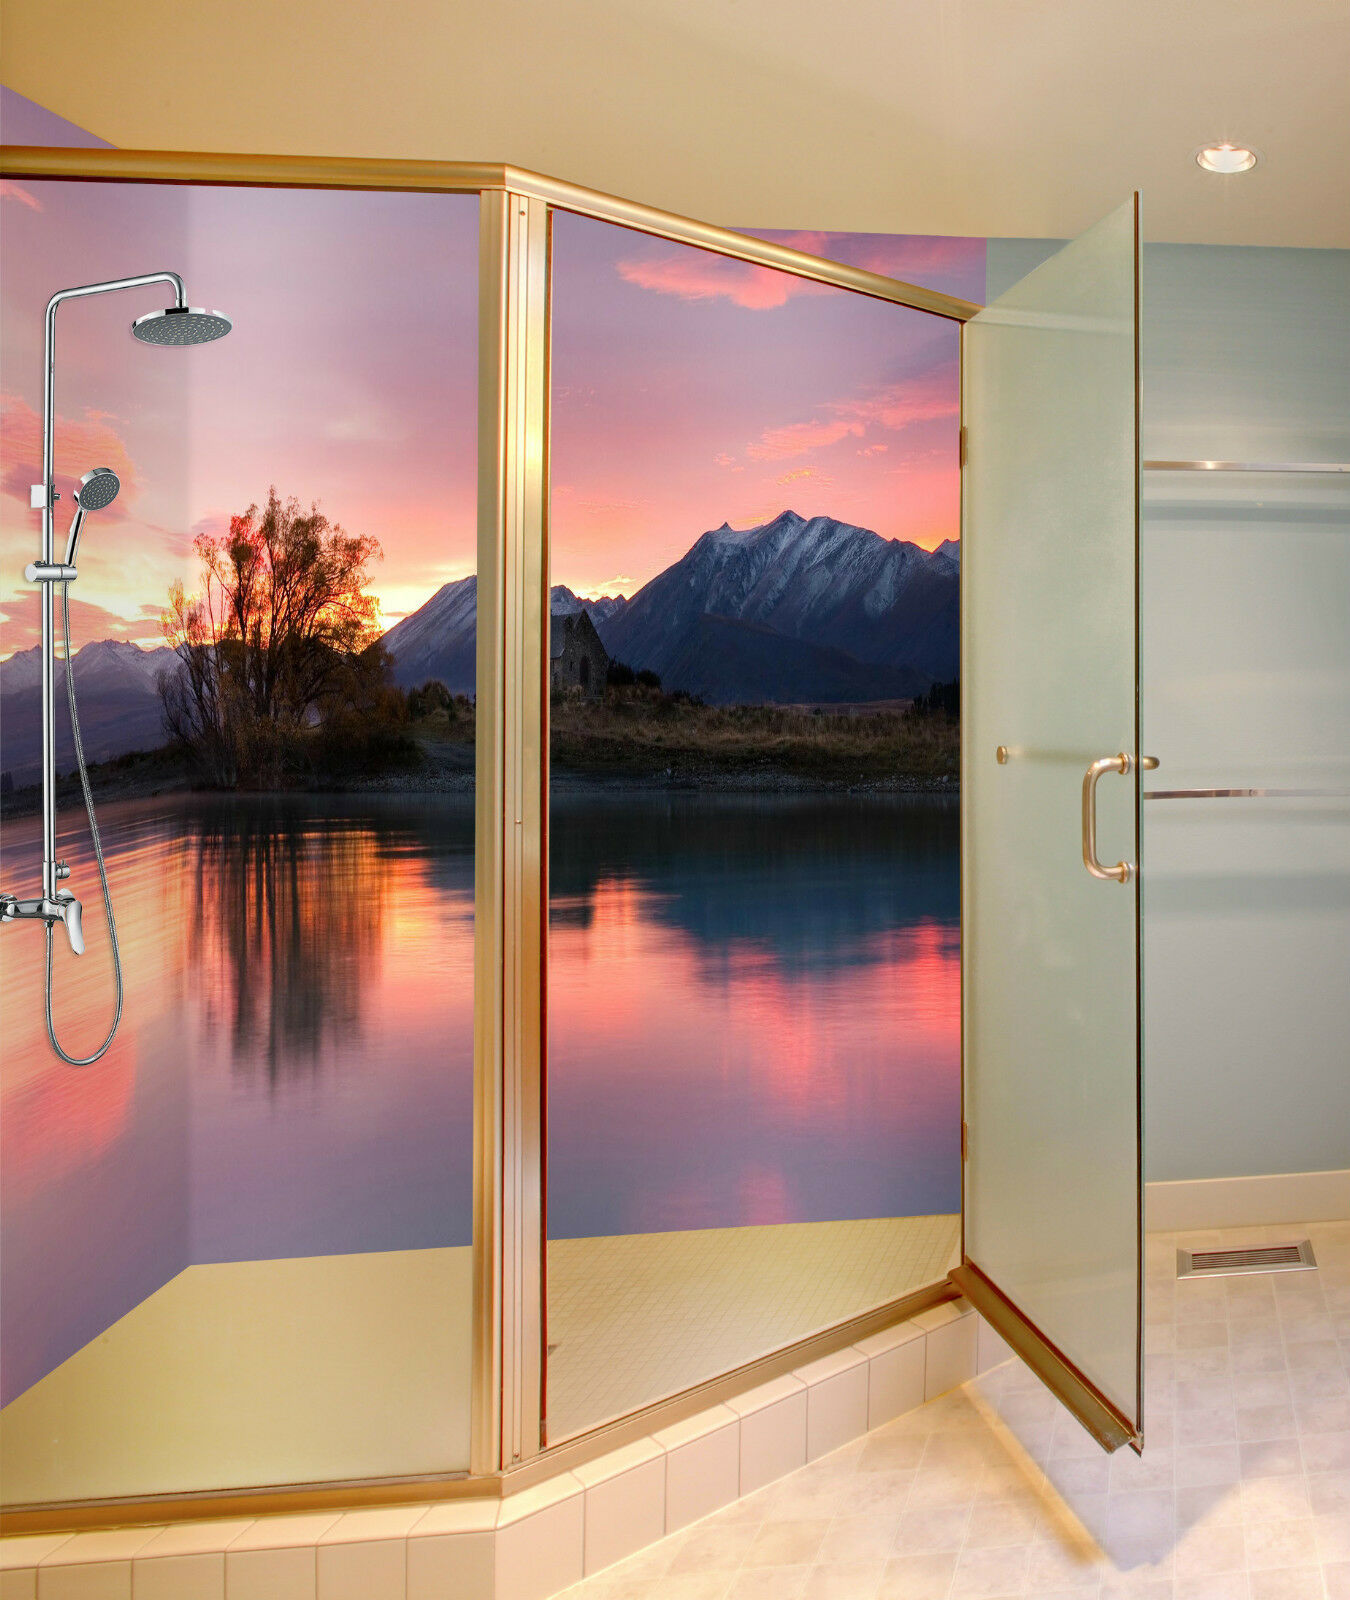 3D Lake Rosy Sky 108 WallPaper Bathroom Print Decal Wall Deco AJ WALLPAPER CA